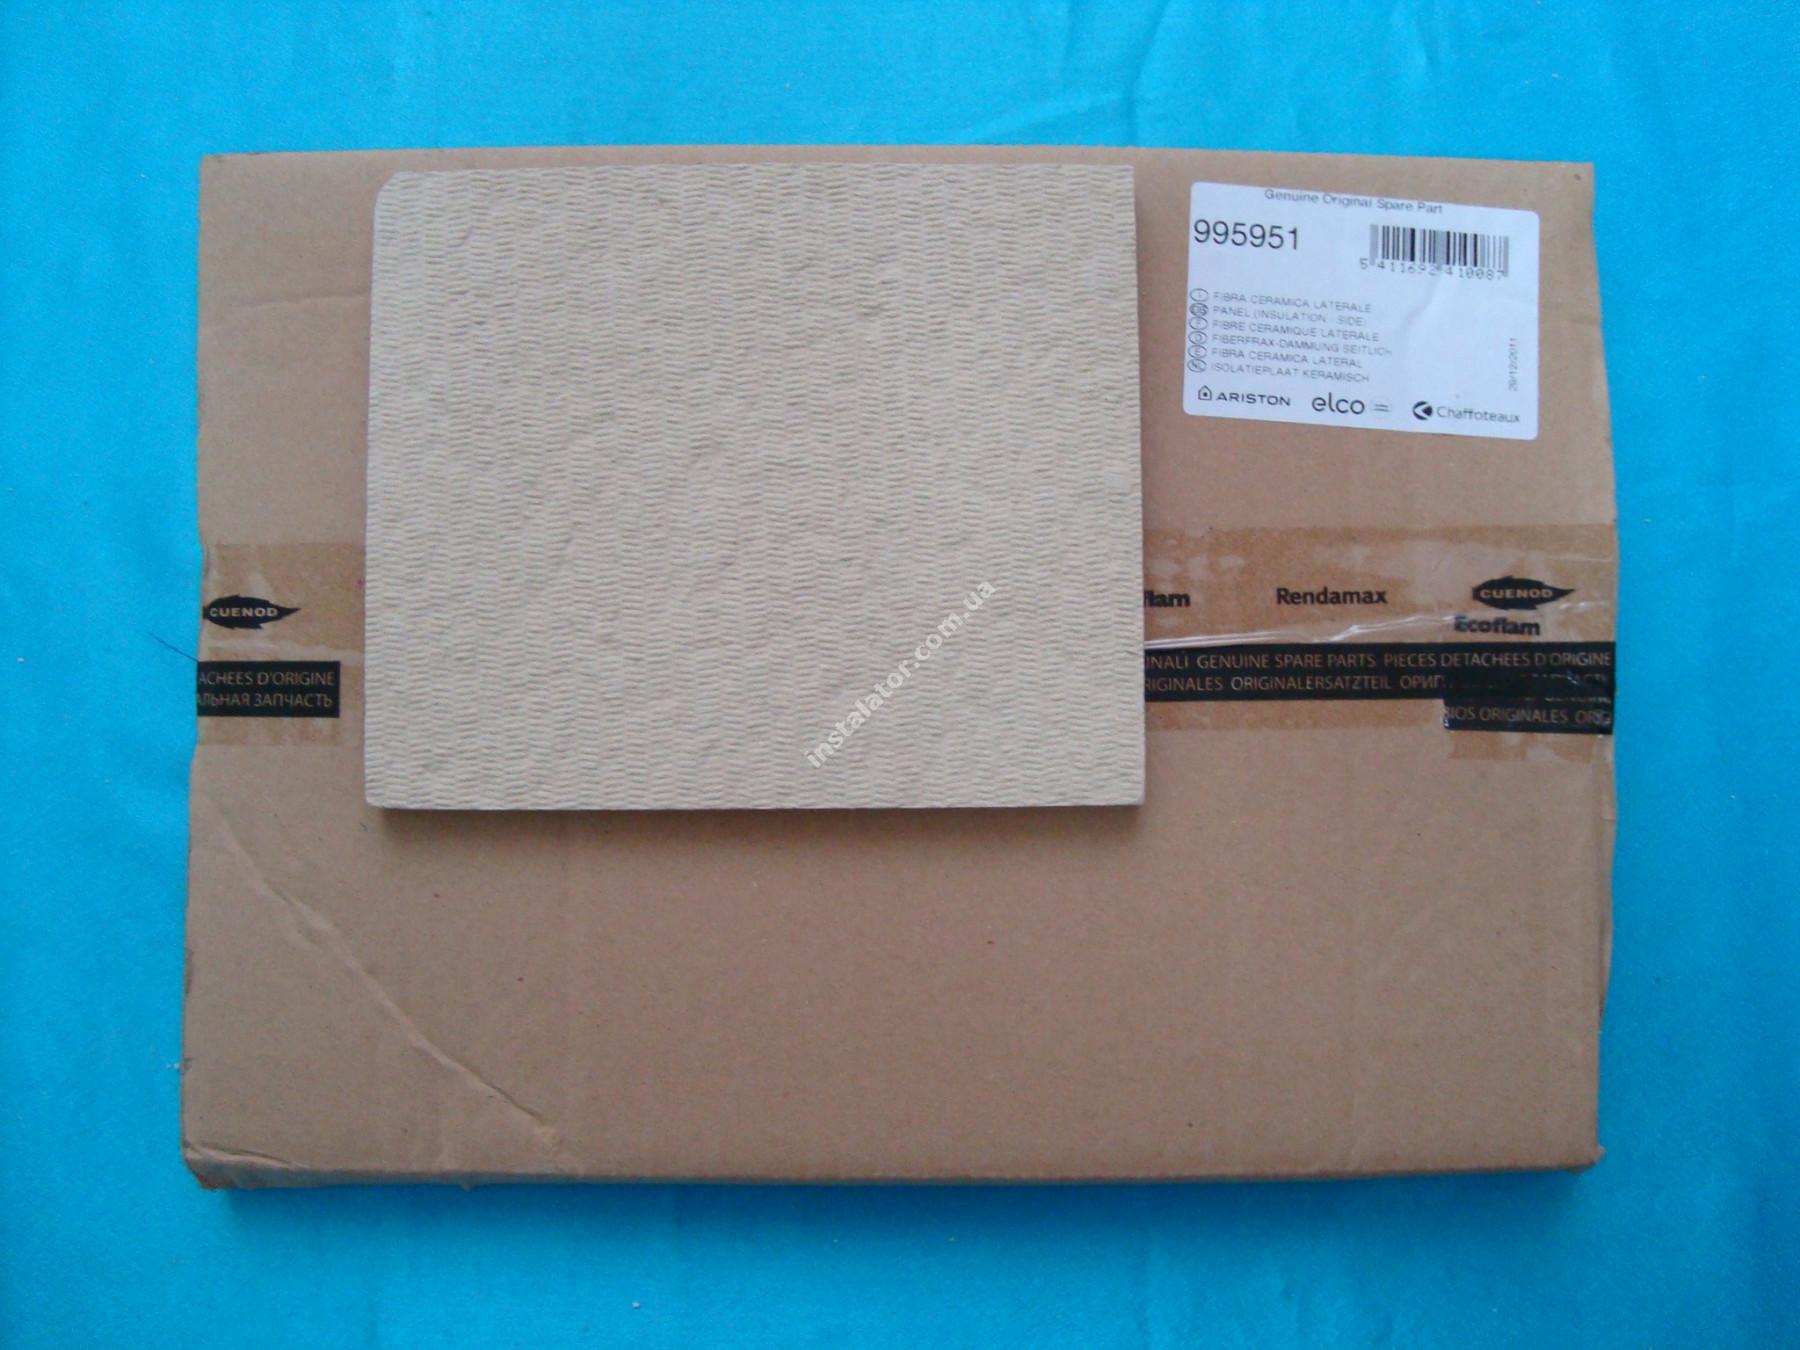 995951  Ізоляція камери згорання бокова панель Арістон full-image-0